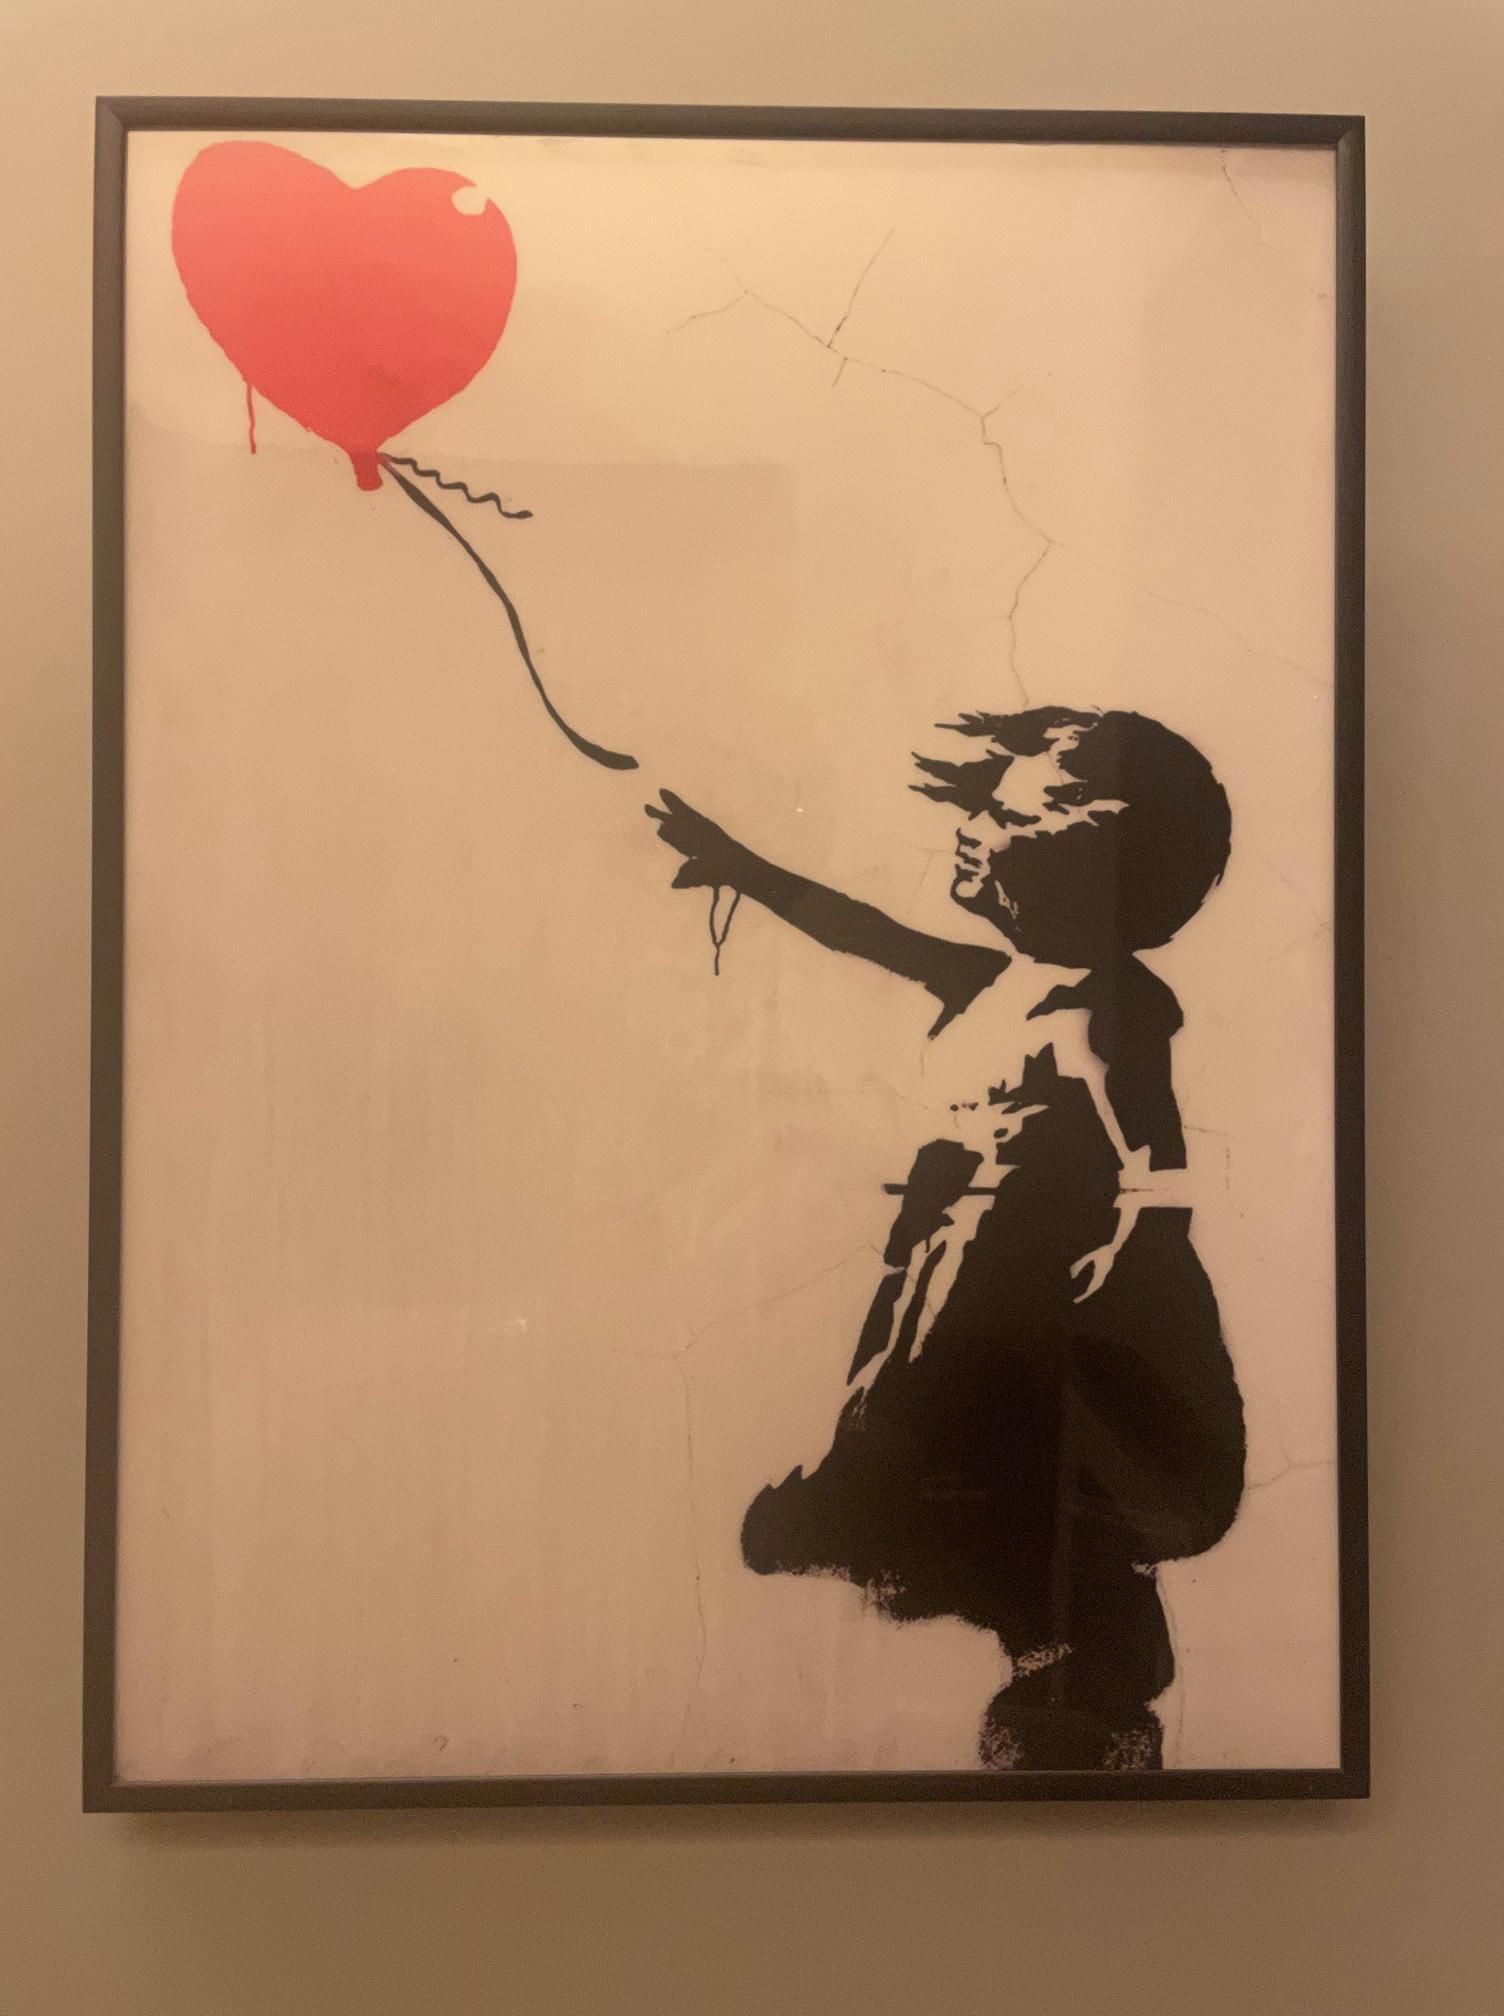 210817 「赤い風船に手を伸ばす少女」